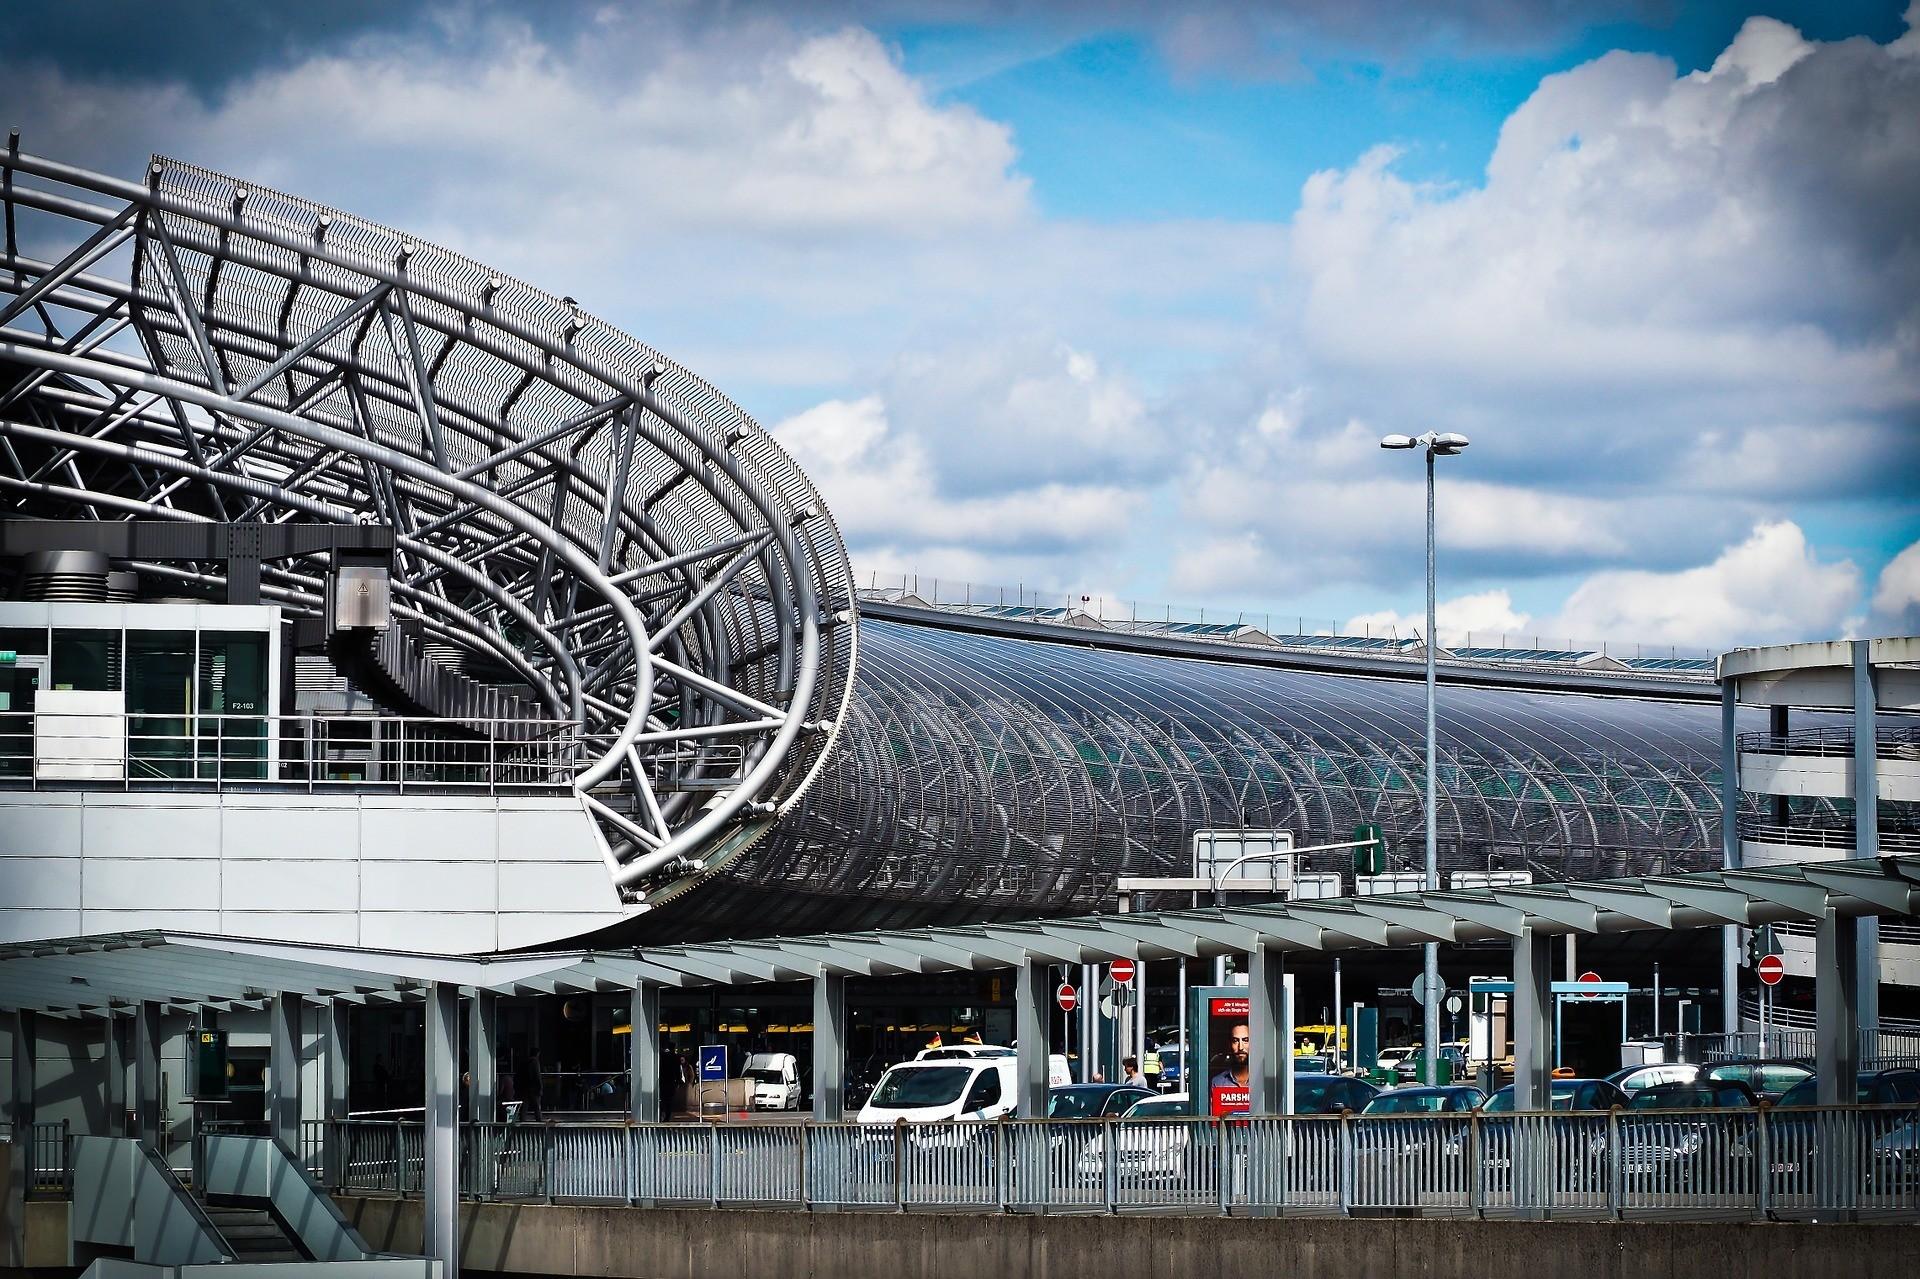 Flughafentransfer Düsseldorf